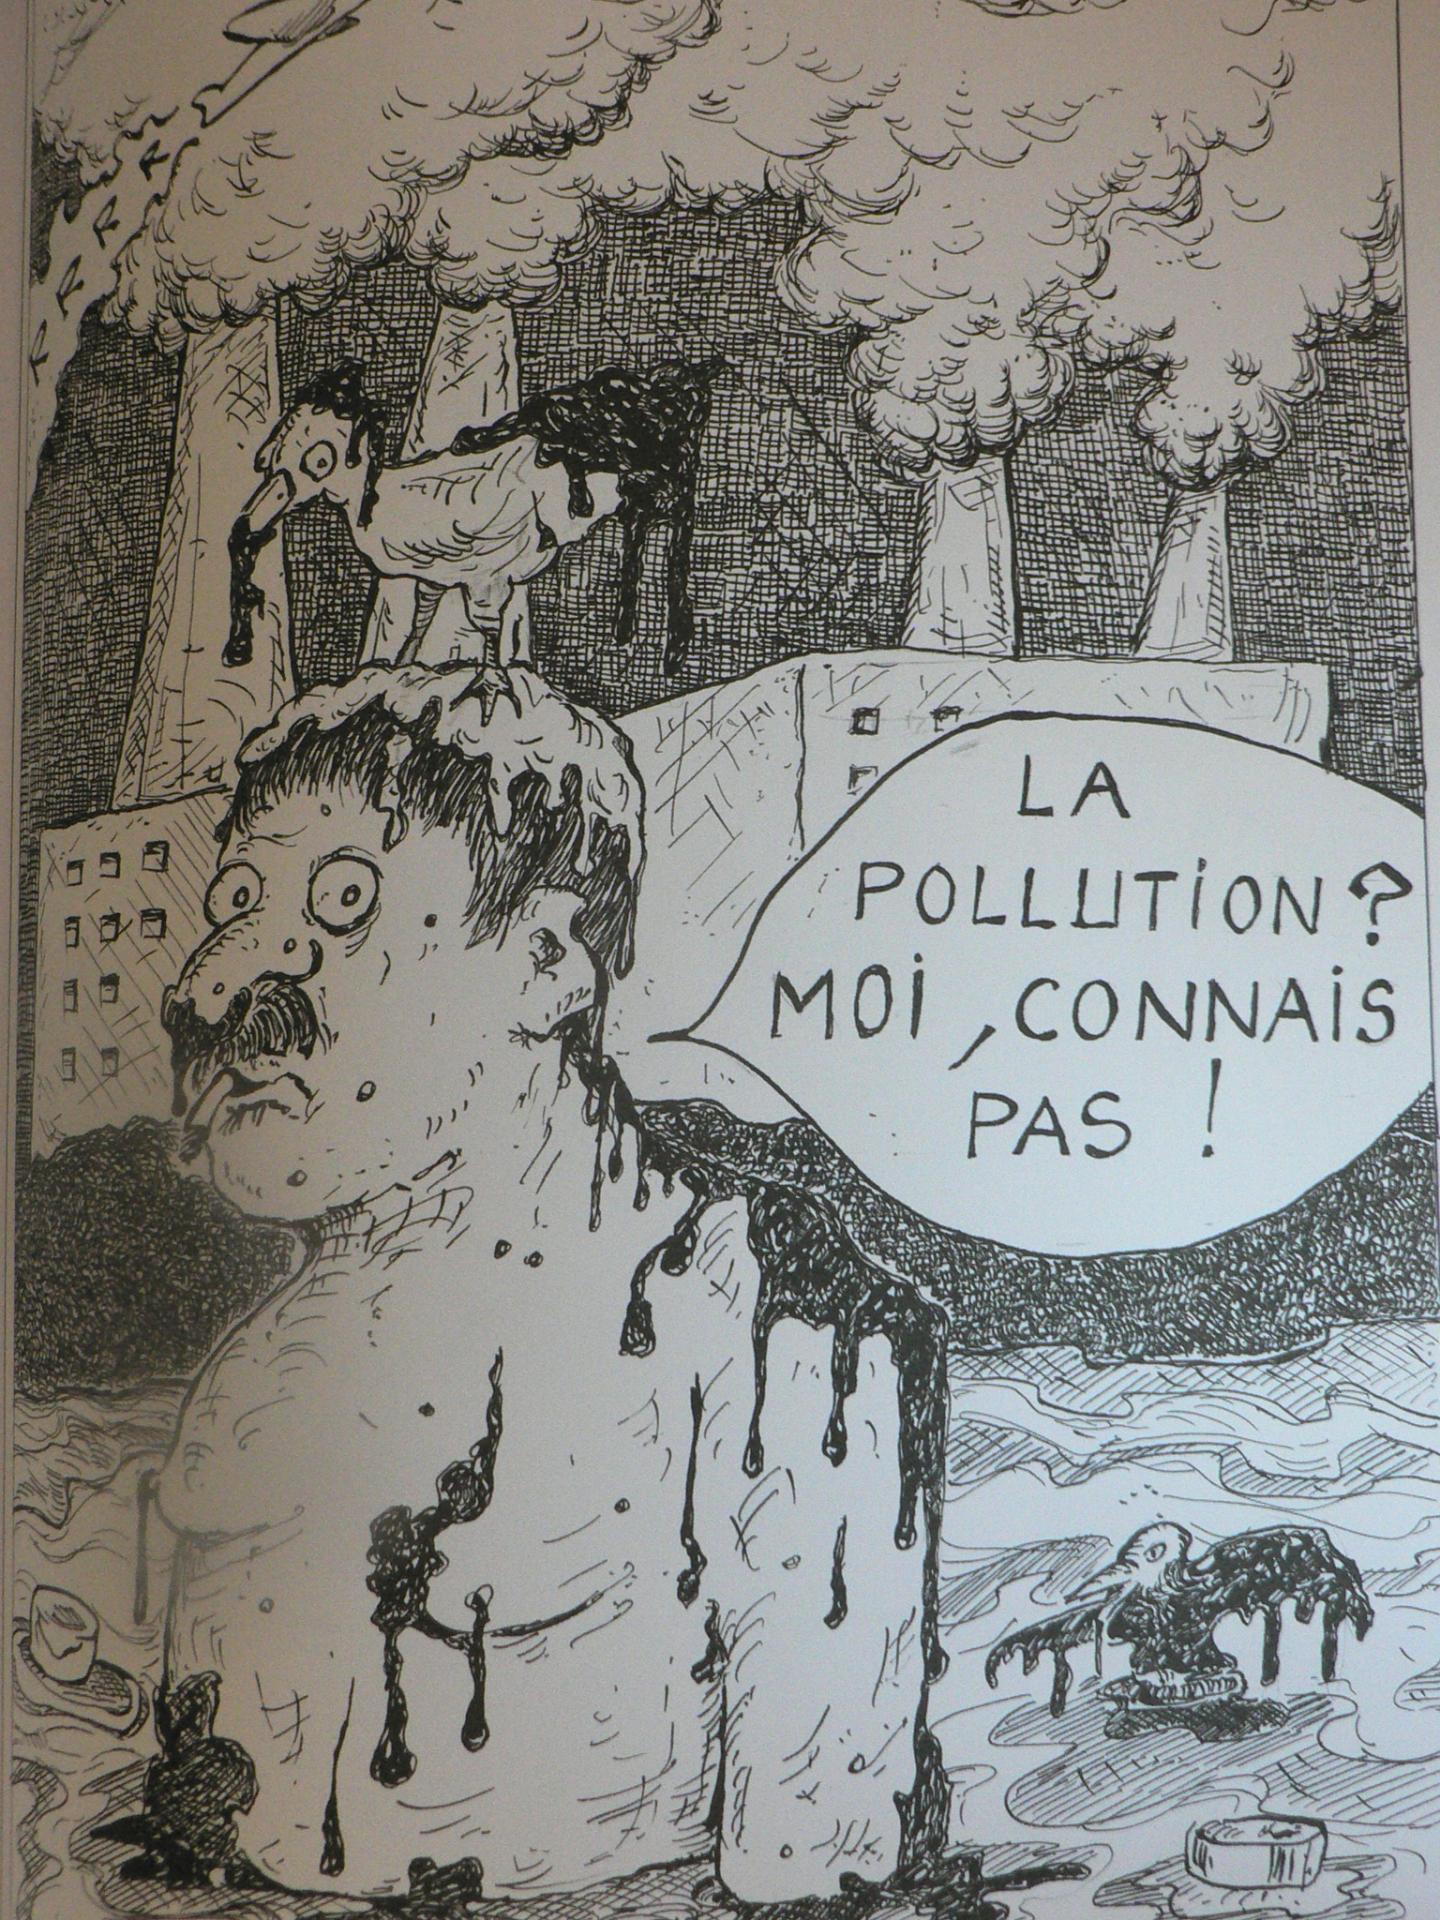 En découvrant les dessins de l'artiste, Alain Bombard lui avait confié : que la réalité n'atteigne jamais l'horreur de ces images ».